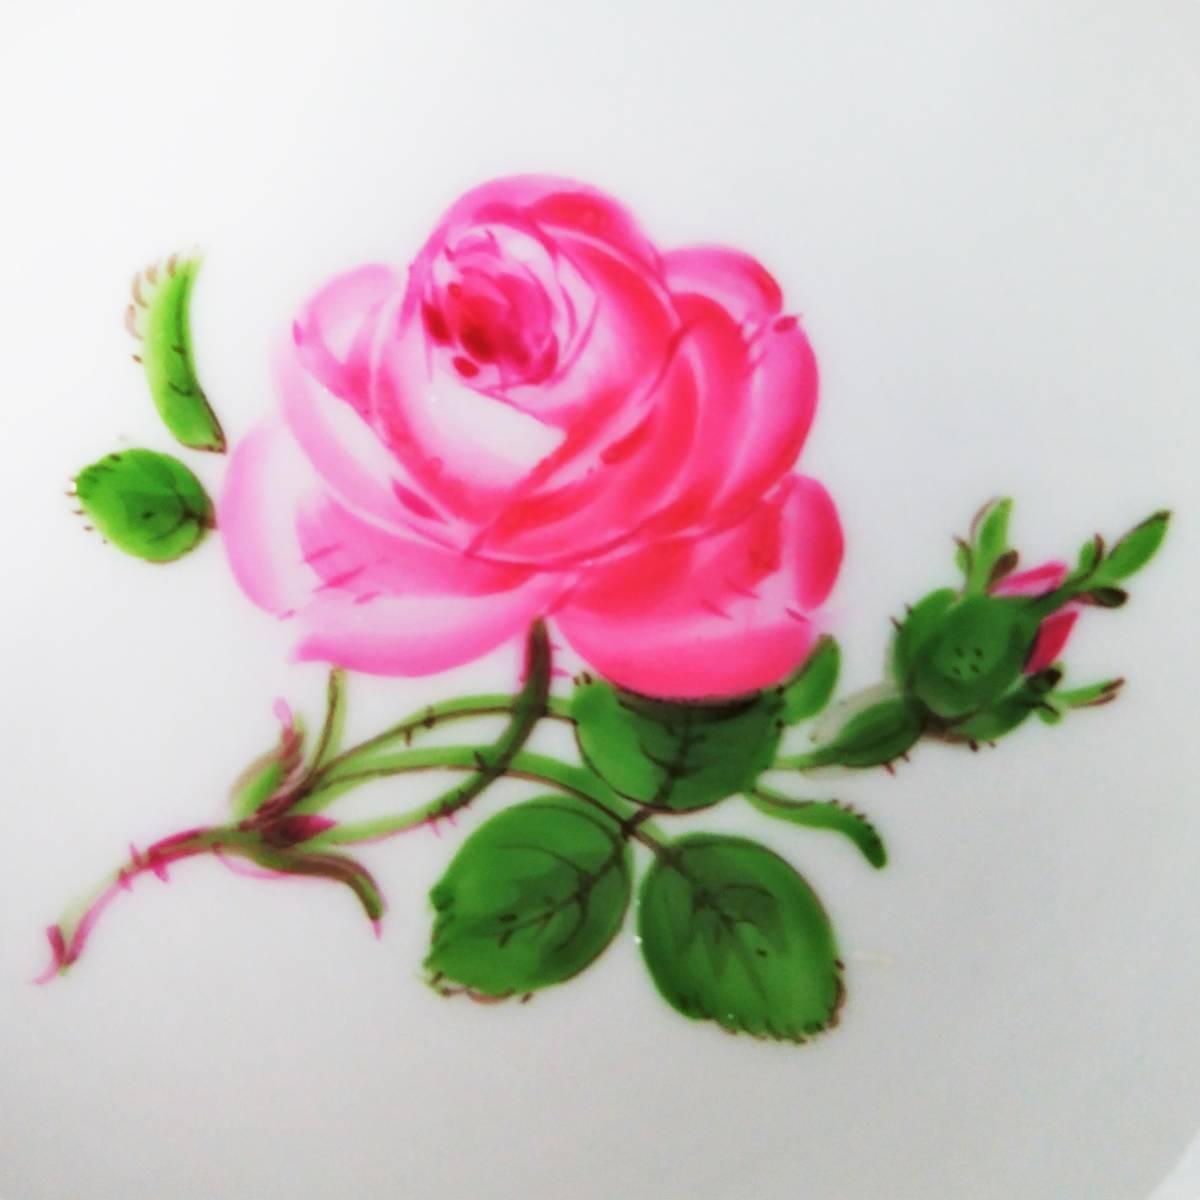 稀少◆Meissen マイセン ピンクローズ 皿 ミニプレート 8cm 2枚セット 119◆ピンクのバラ 薔薇 金彩 小皿 飾皿 デザートプレート ドイツ_画像5